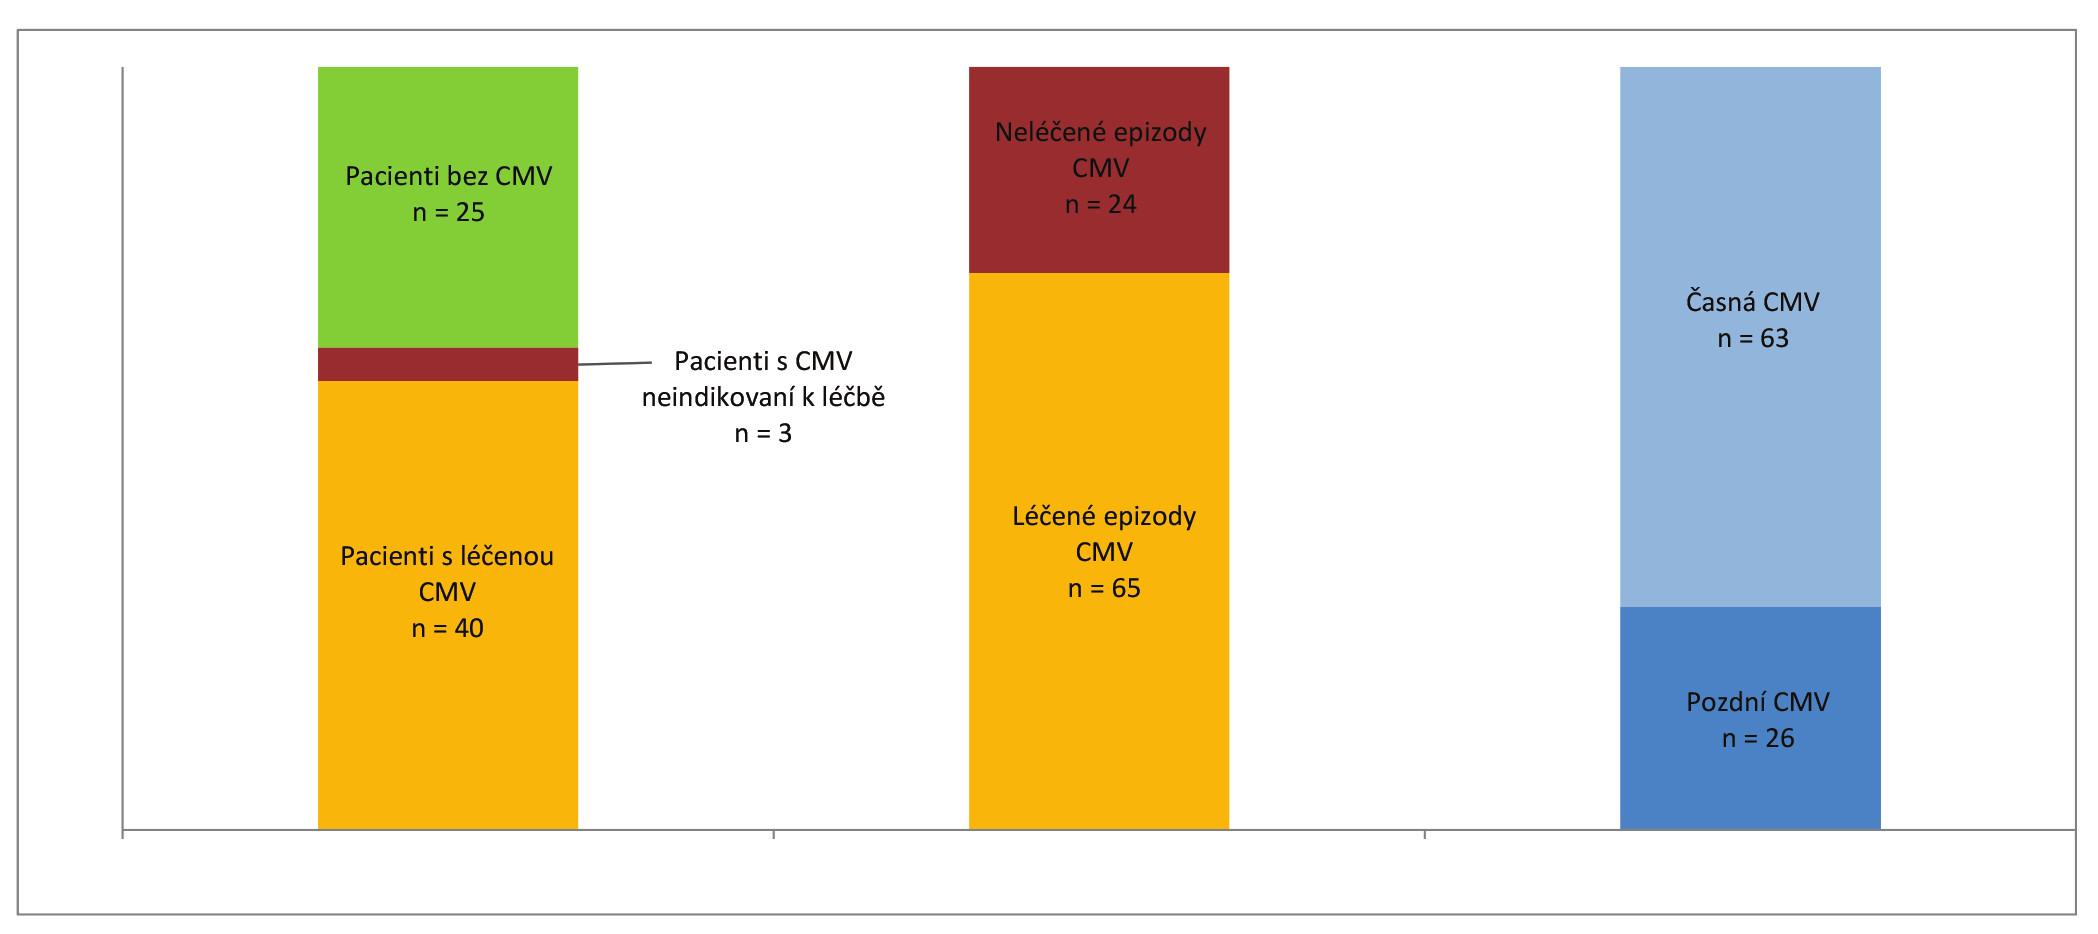 Četnost infekce CMV a indikované léčby v našem souboru. Proporční výskyt CMV časné a pozdní infekce Fig. 4. Incidence of CMV infection and indicated treatment in study patients. Cases of early vs late CMV infection.